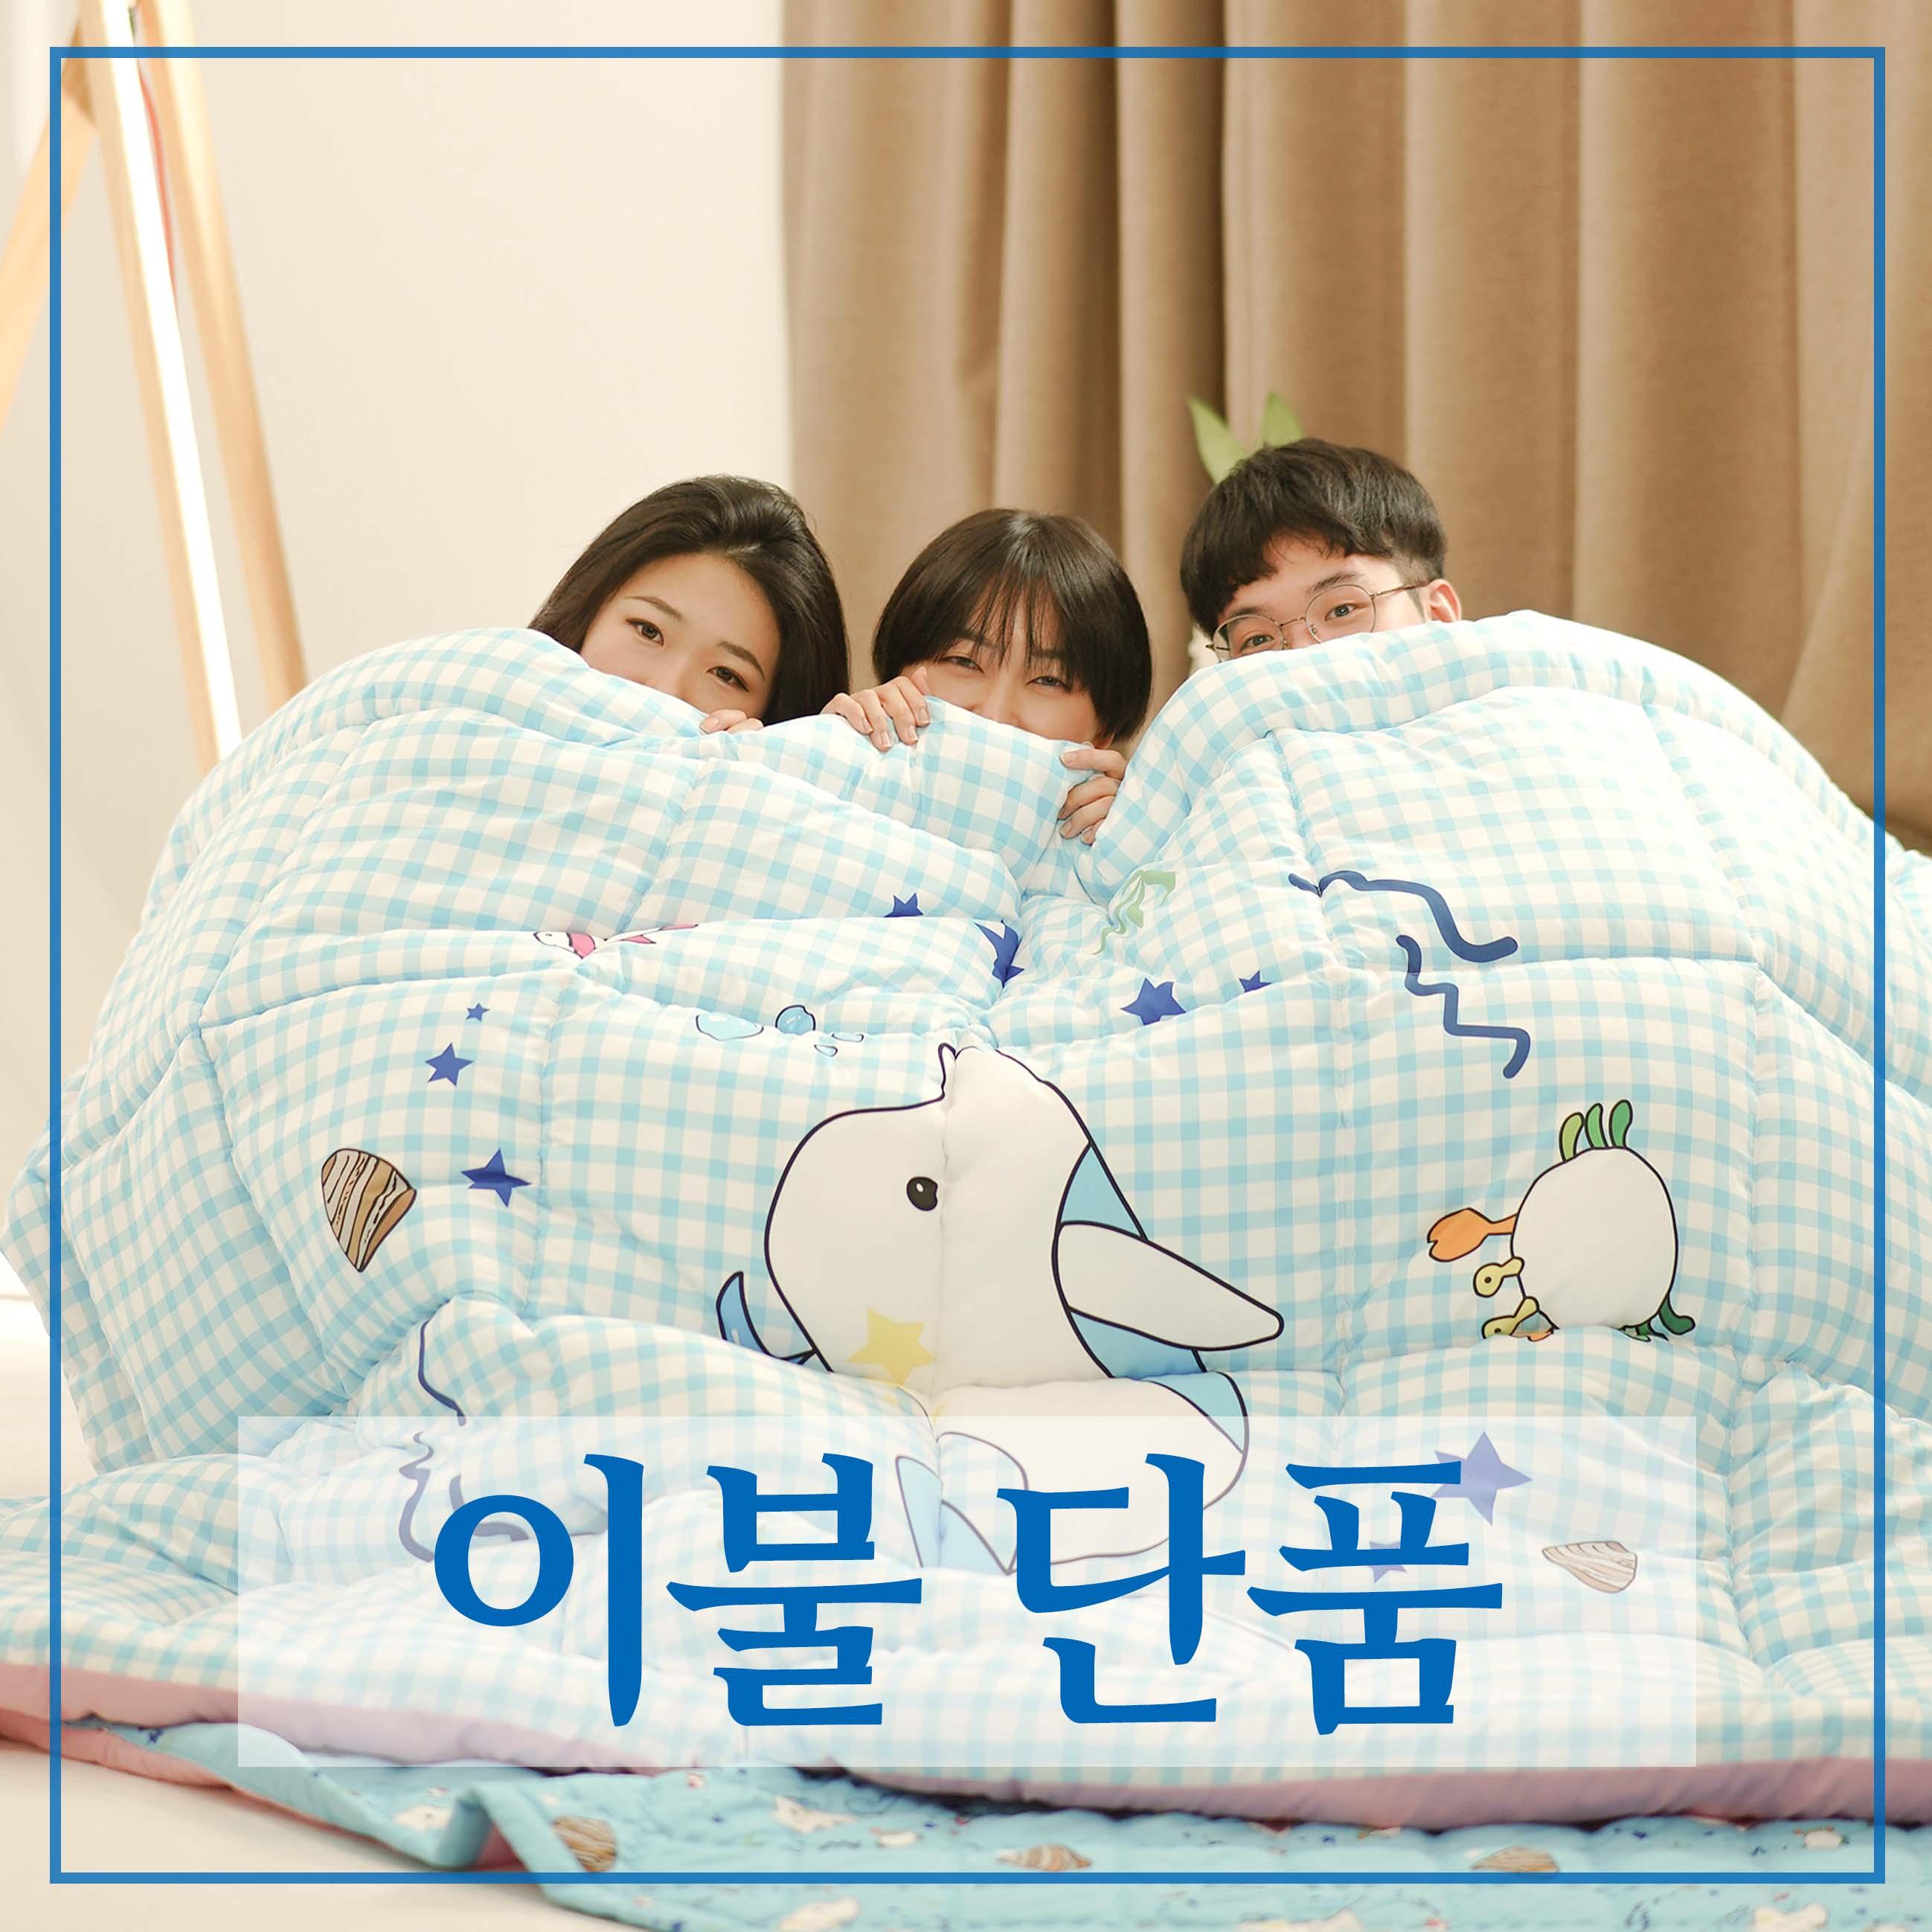 친환경 '꿈꾸래' 이불 단품